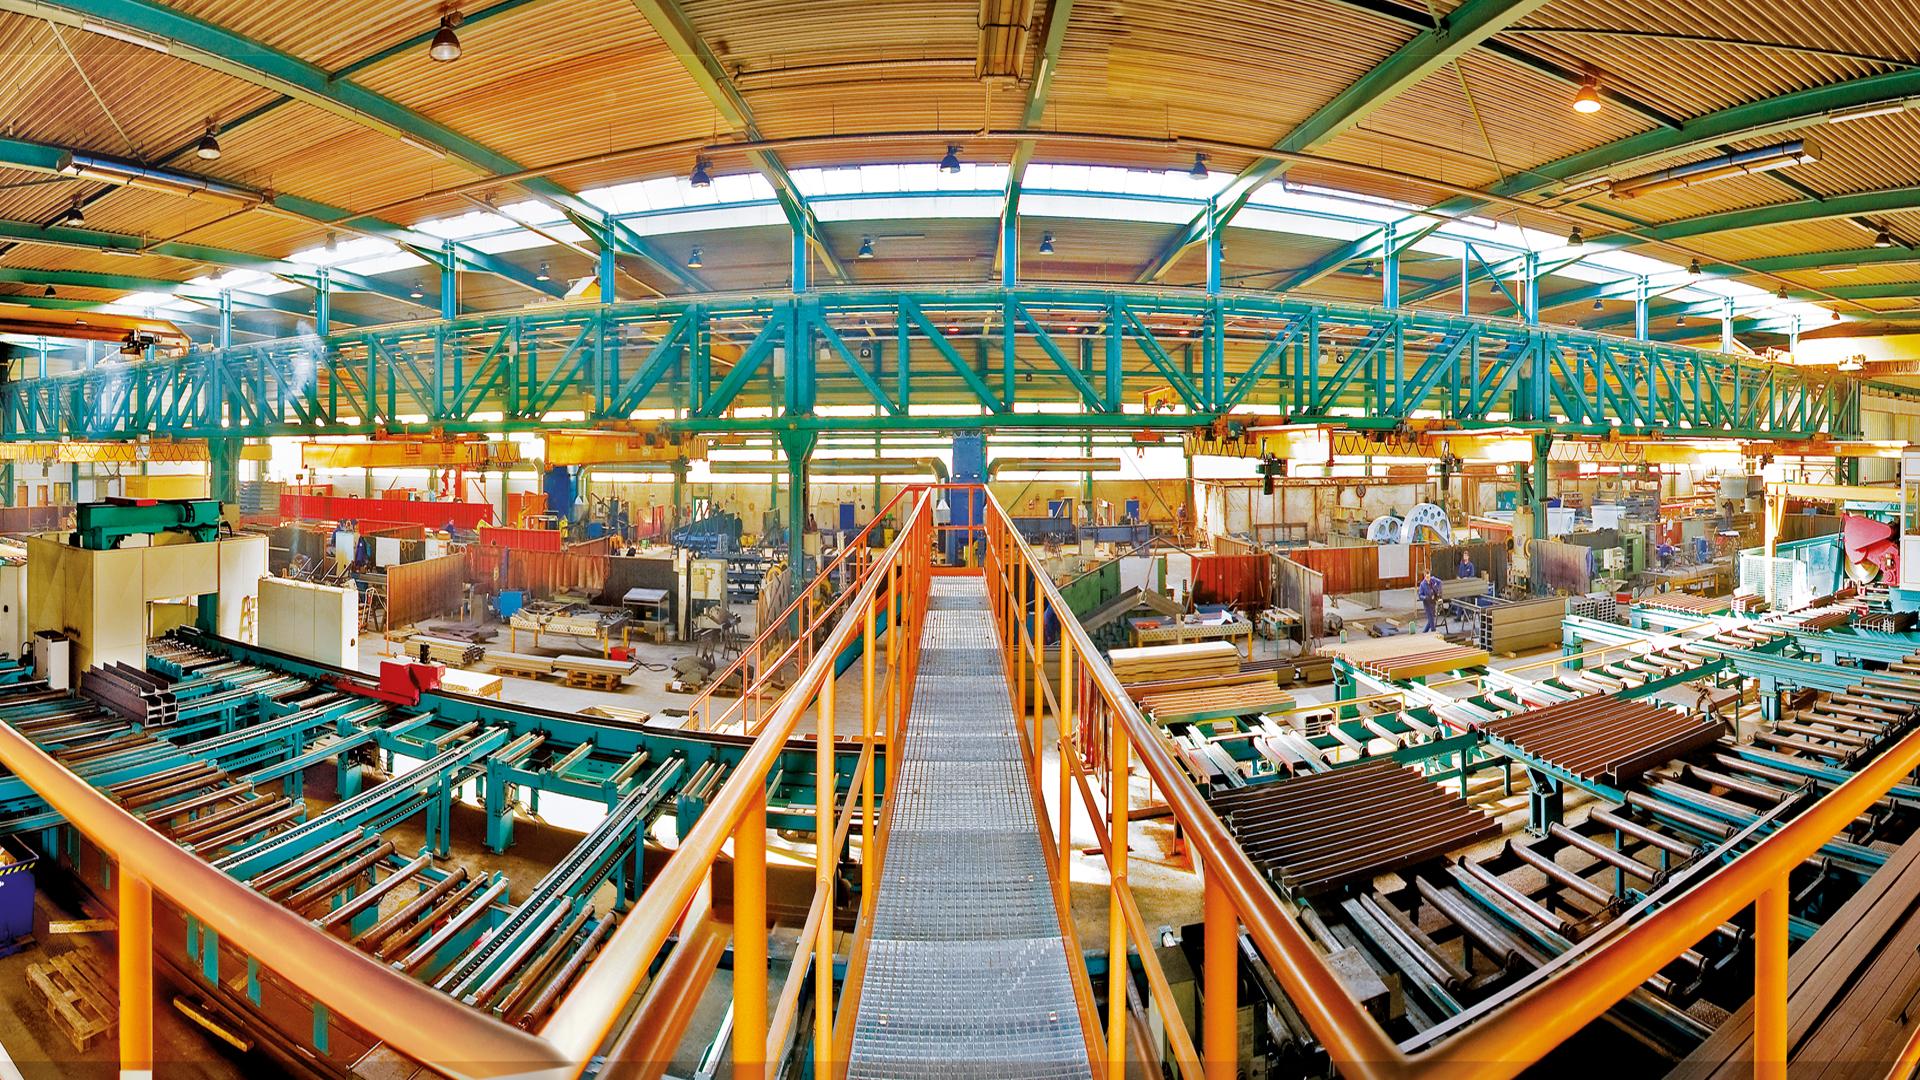 200812_Panorama_Halle_1_13-01-18 Ihnen Aurich Unternehmenspräsentation.jpg – Stahl- und Metallbau Ihnen GmbH & Co. KG